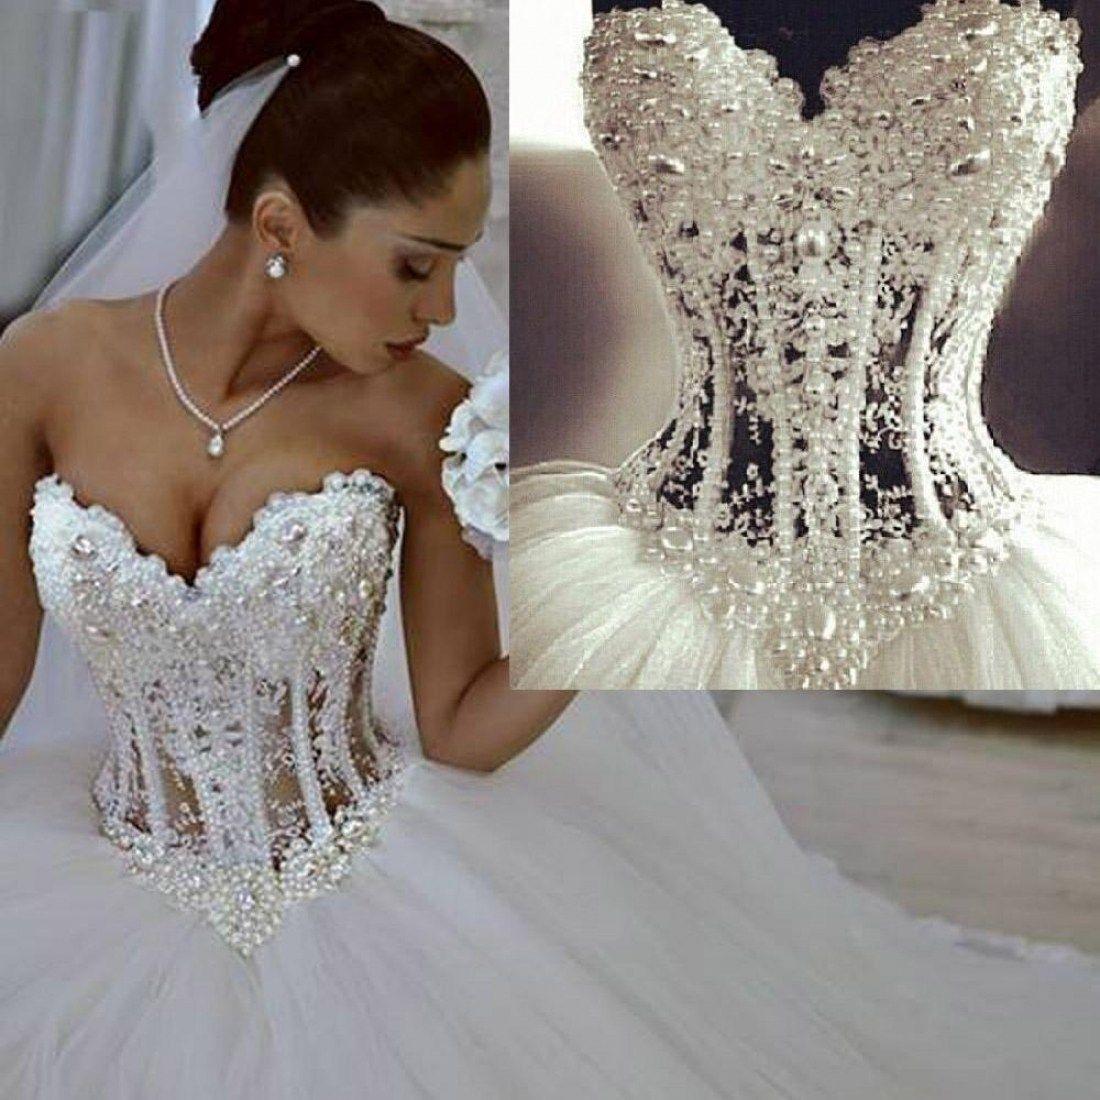 35 Beautiful White Corset Under Wedding Dress Ideas Best Inspiration Ball Gown Wedding Dress Bridal Ball Gown Princess Wedding Gown